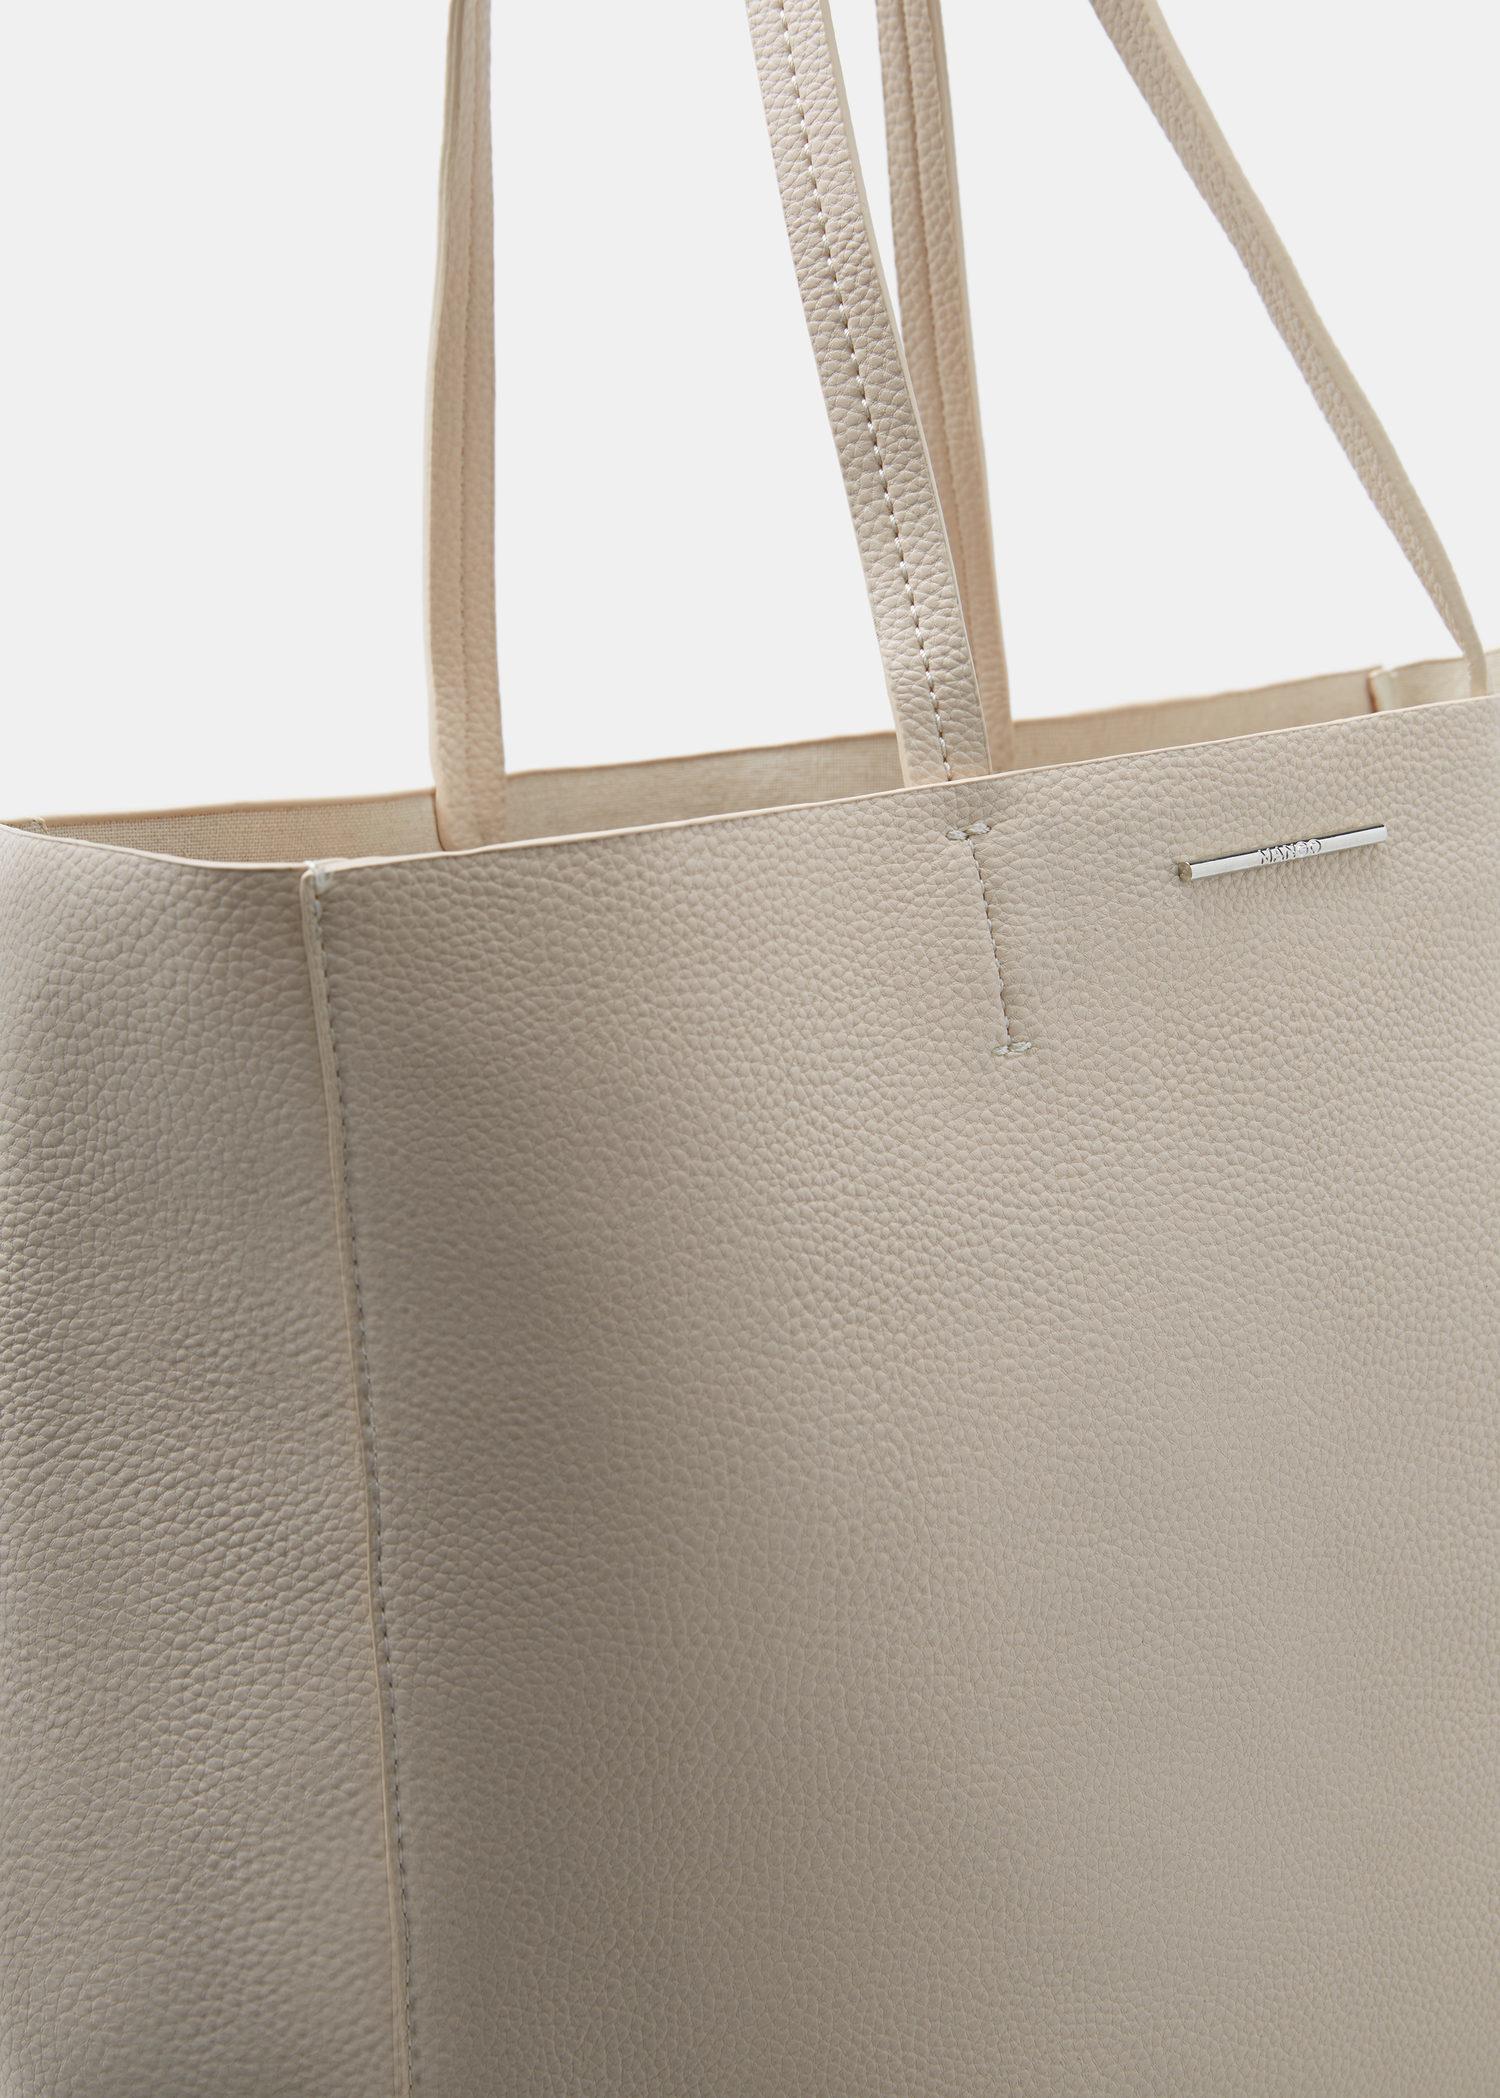 f4cf8b76e289 Mango Faux-leather Shopper Bag in Natural - Lyst